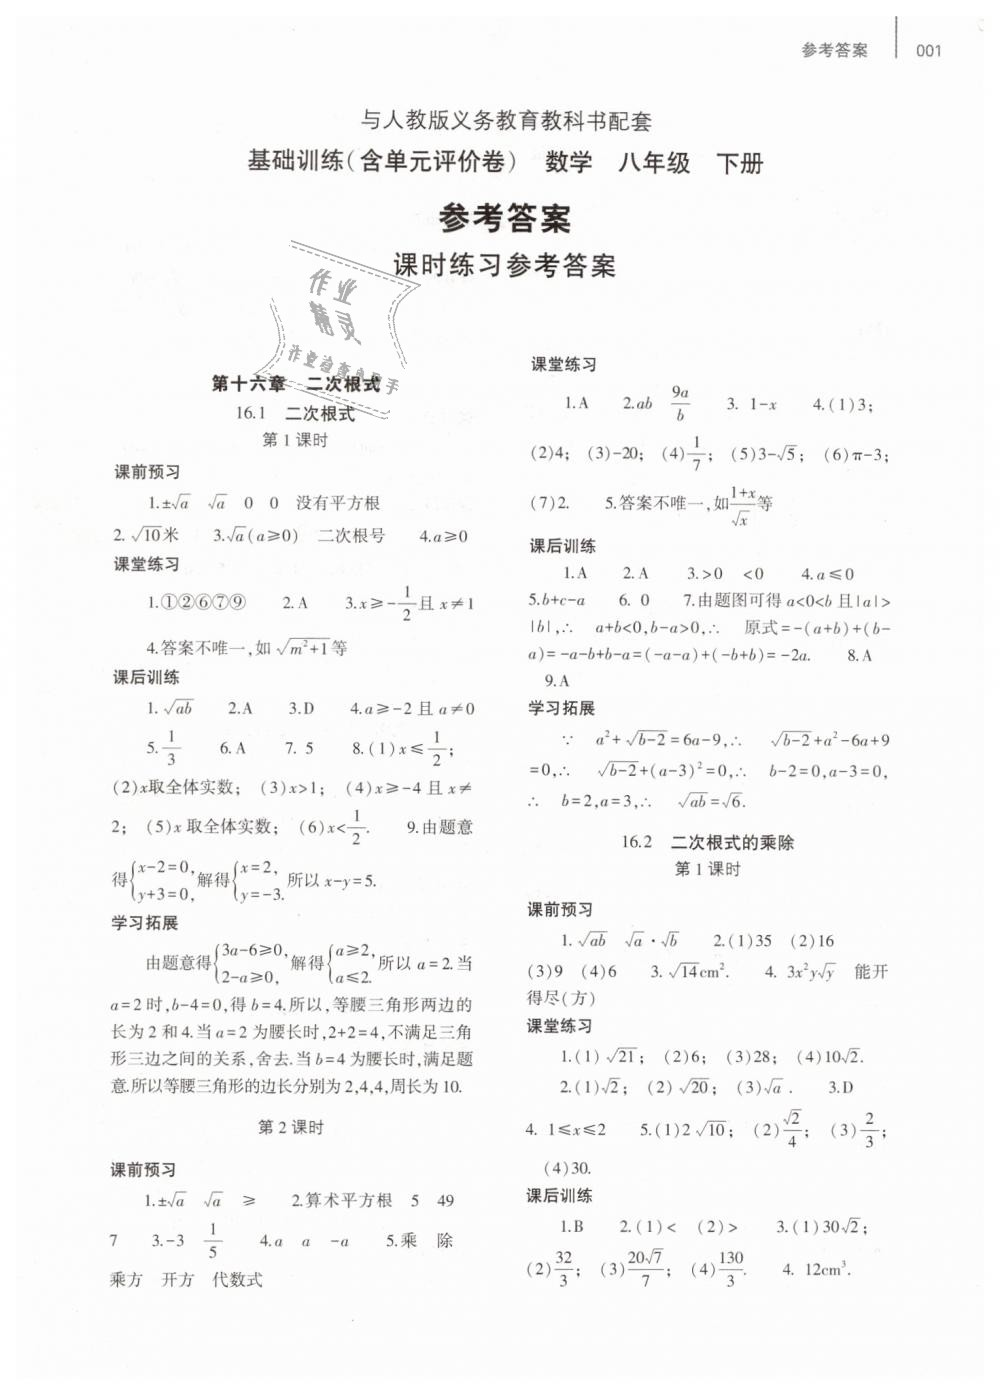 2019年基础训练八年级数学下册人教版大象出版社第1页